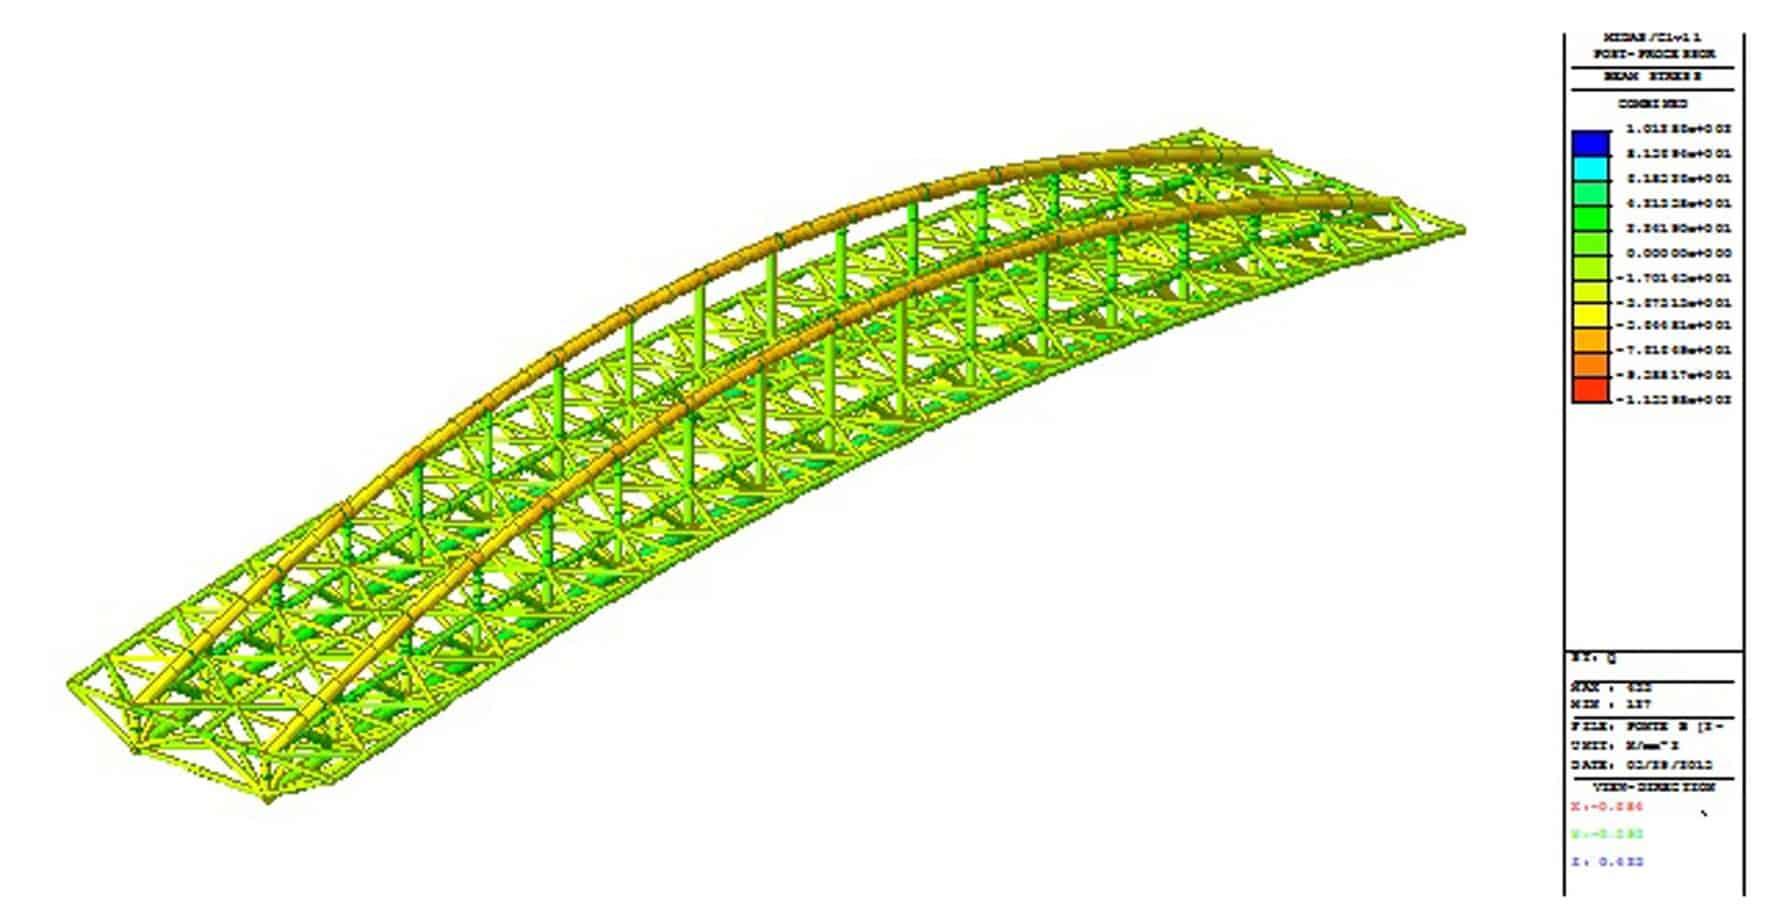 Ponti pedonali in alluminio strade autostrade online for Cabina del tetto ad arco